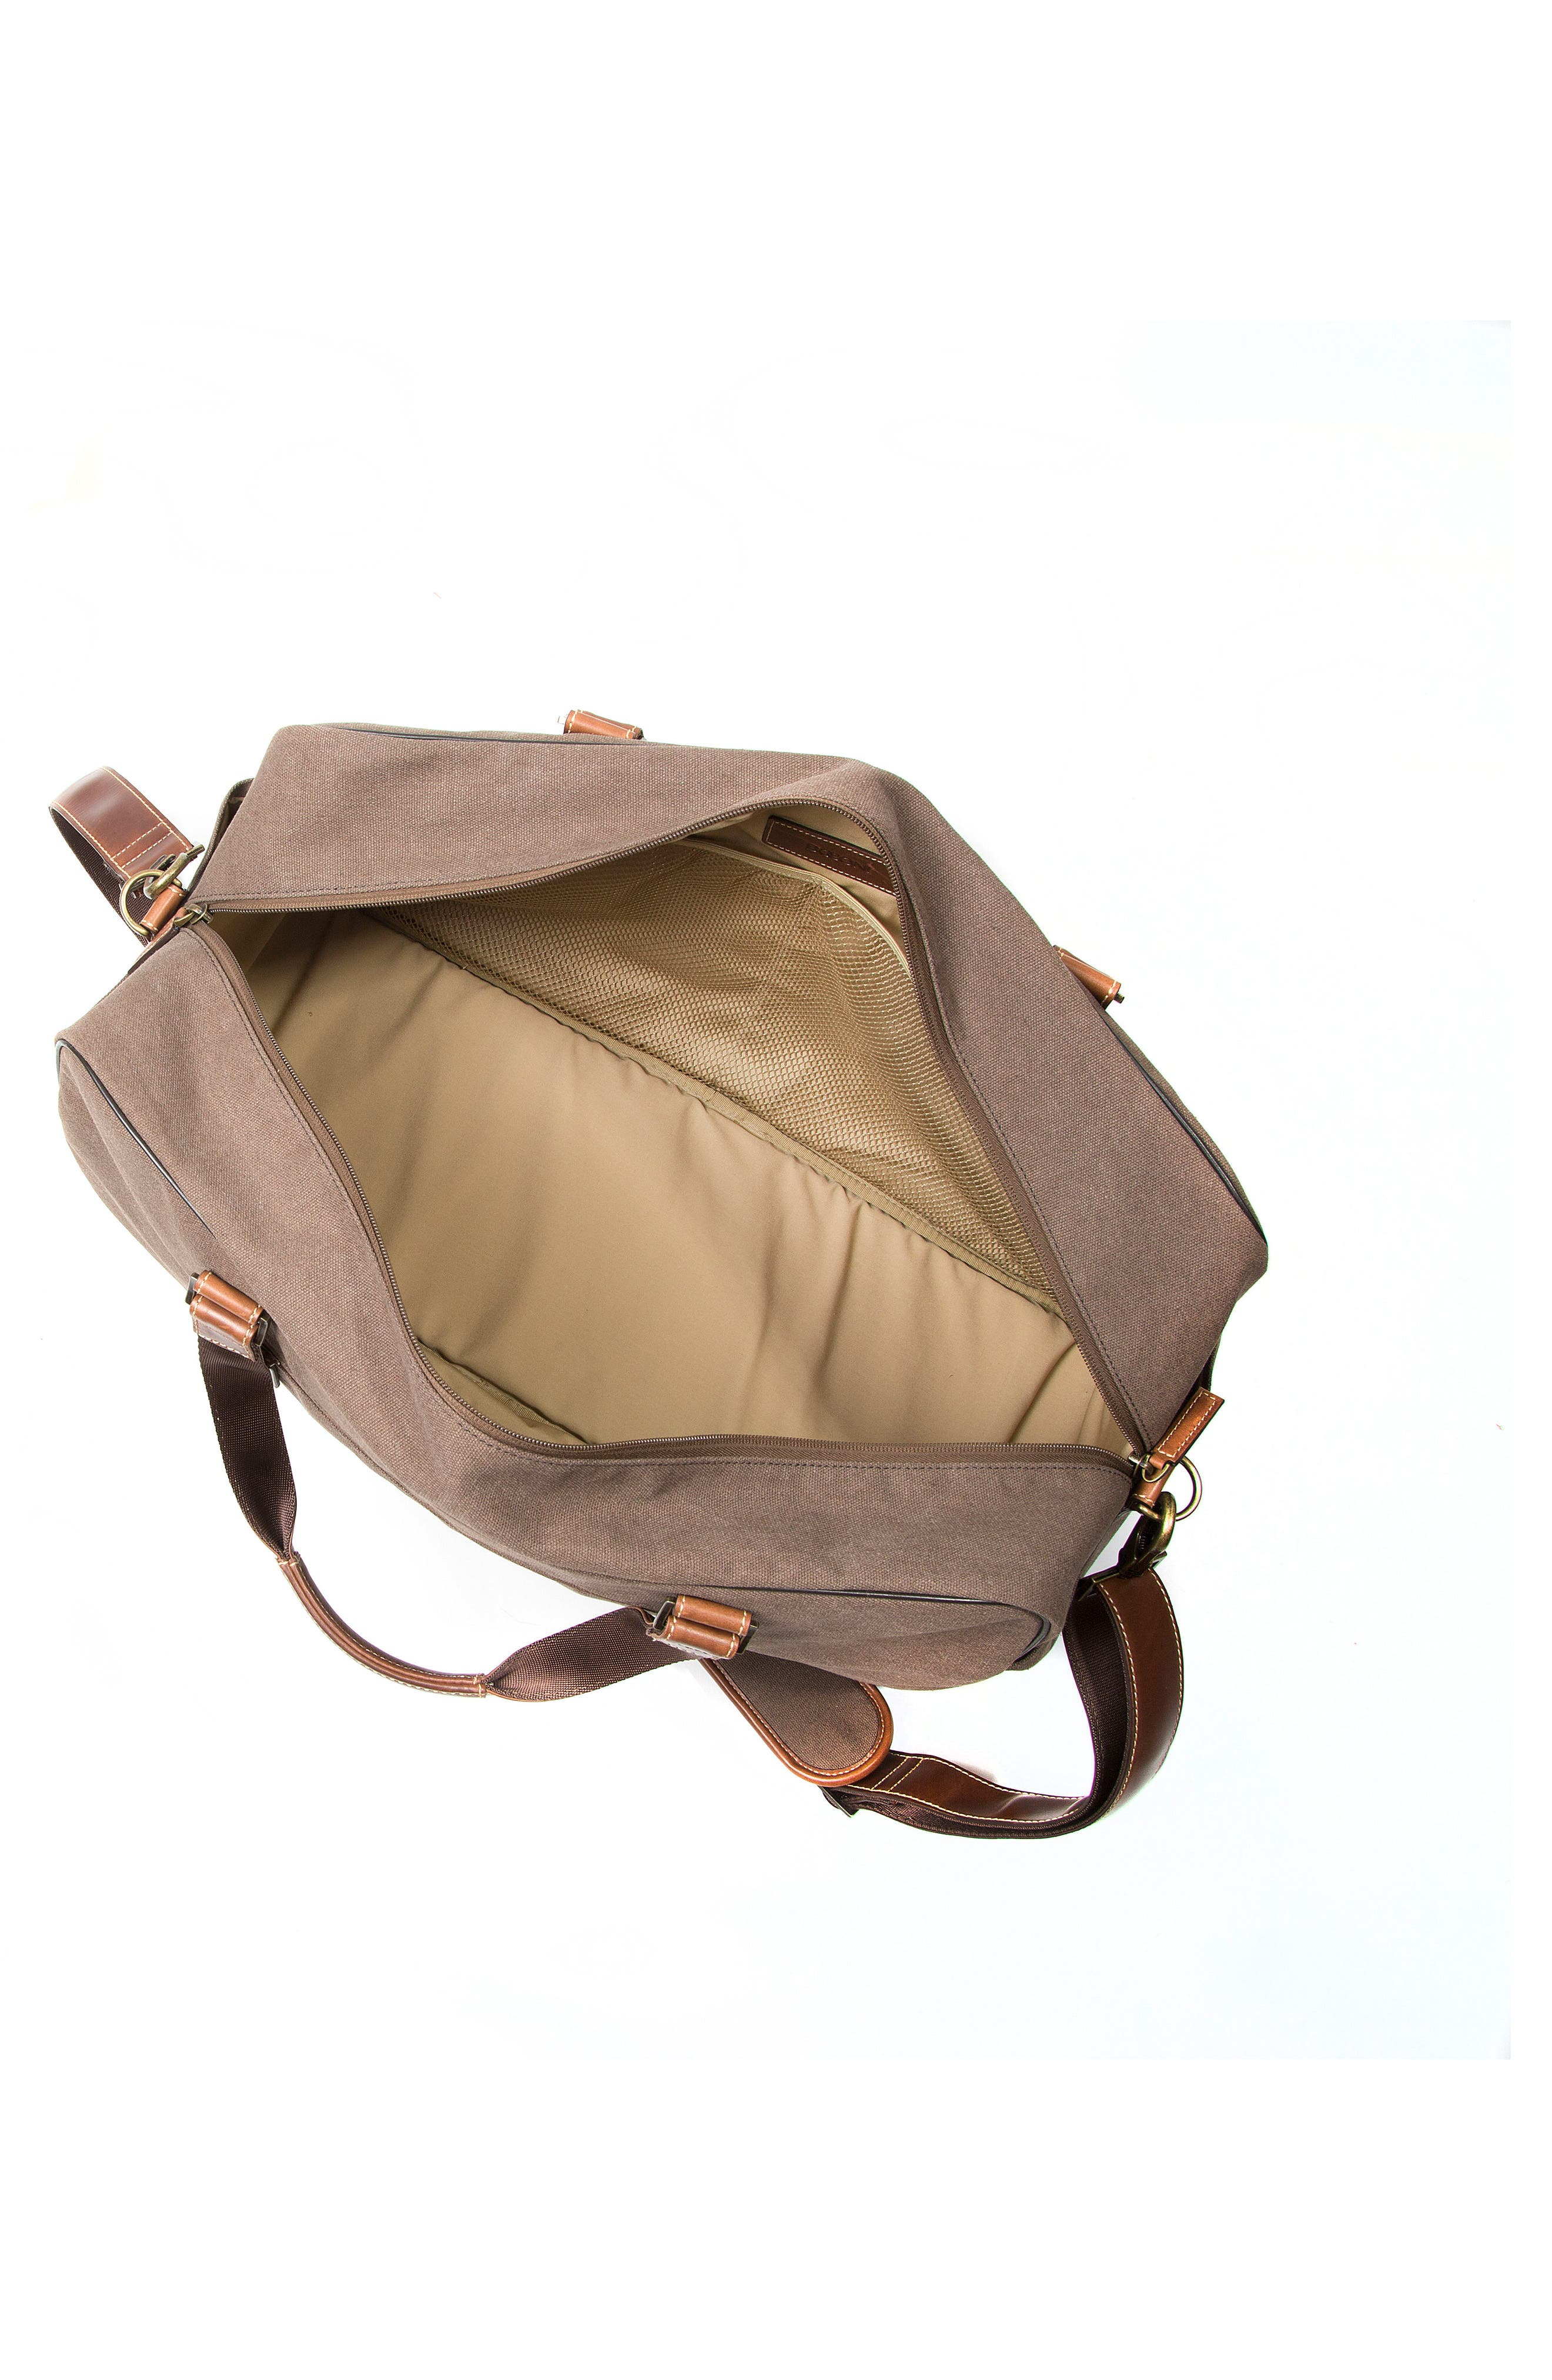 Bryant LTE Getaway Duffel Bag,                             Alternate thumbnail 3, color,                             Antique Mahogany/ Brown